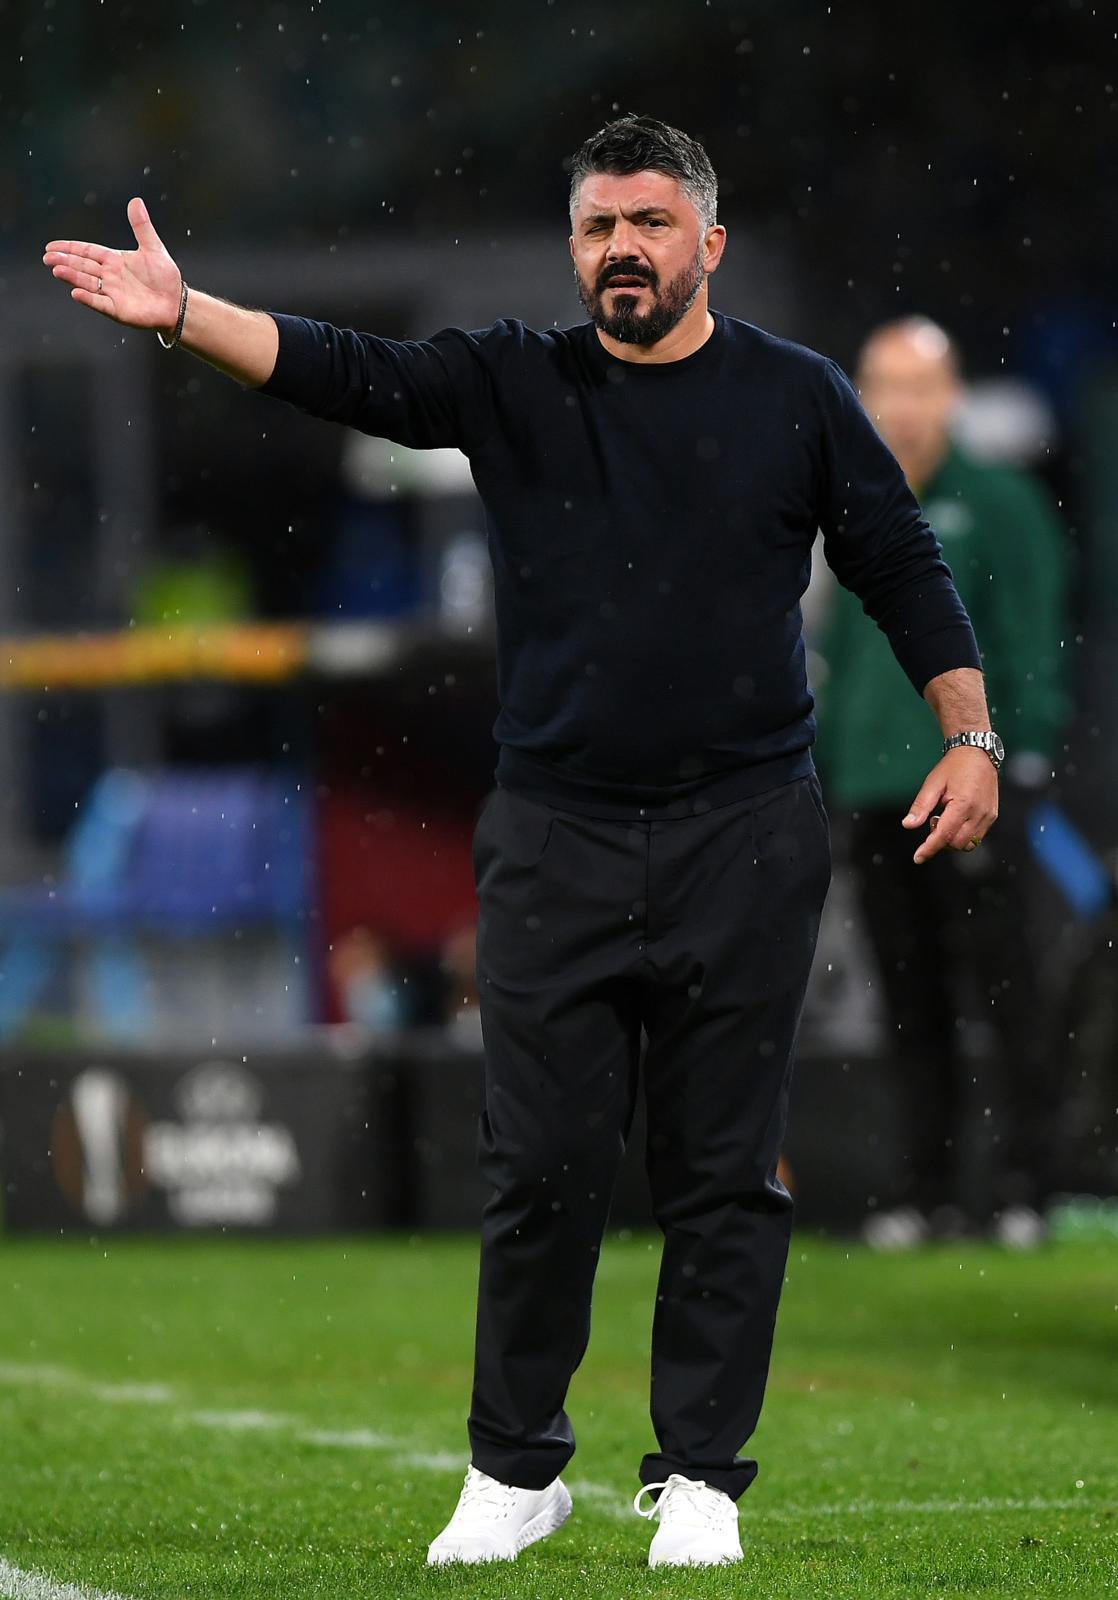 Il match di Gattuso tra occhi gonfi, rabbia e pioggia